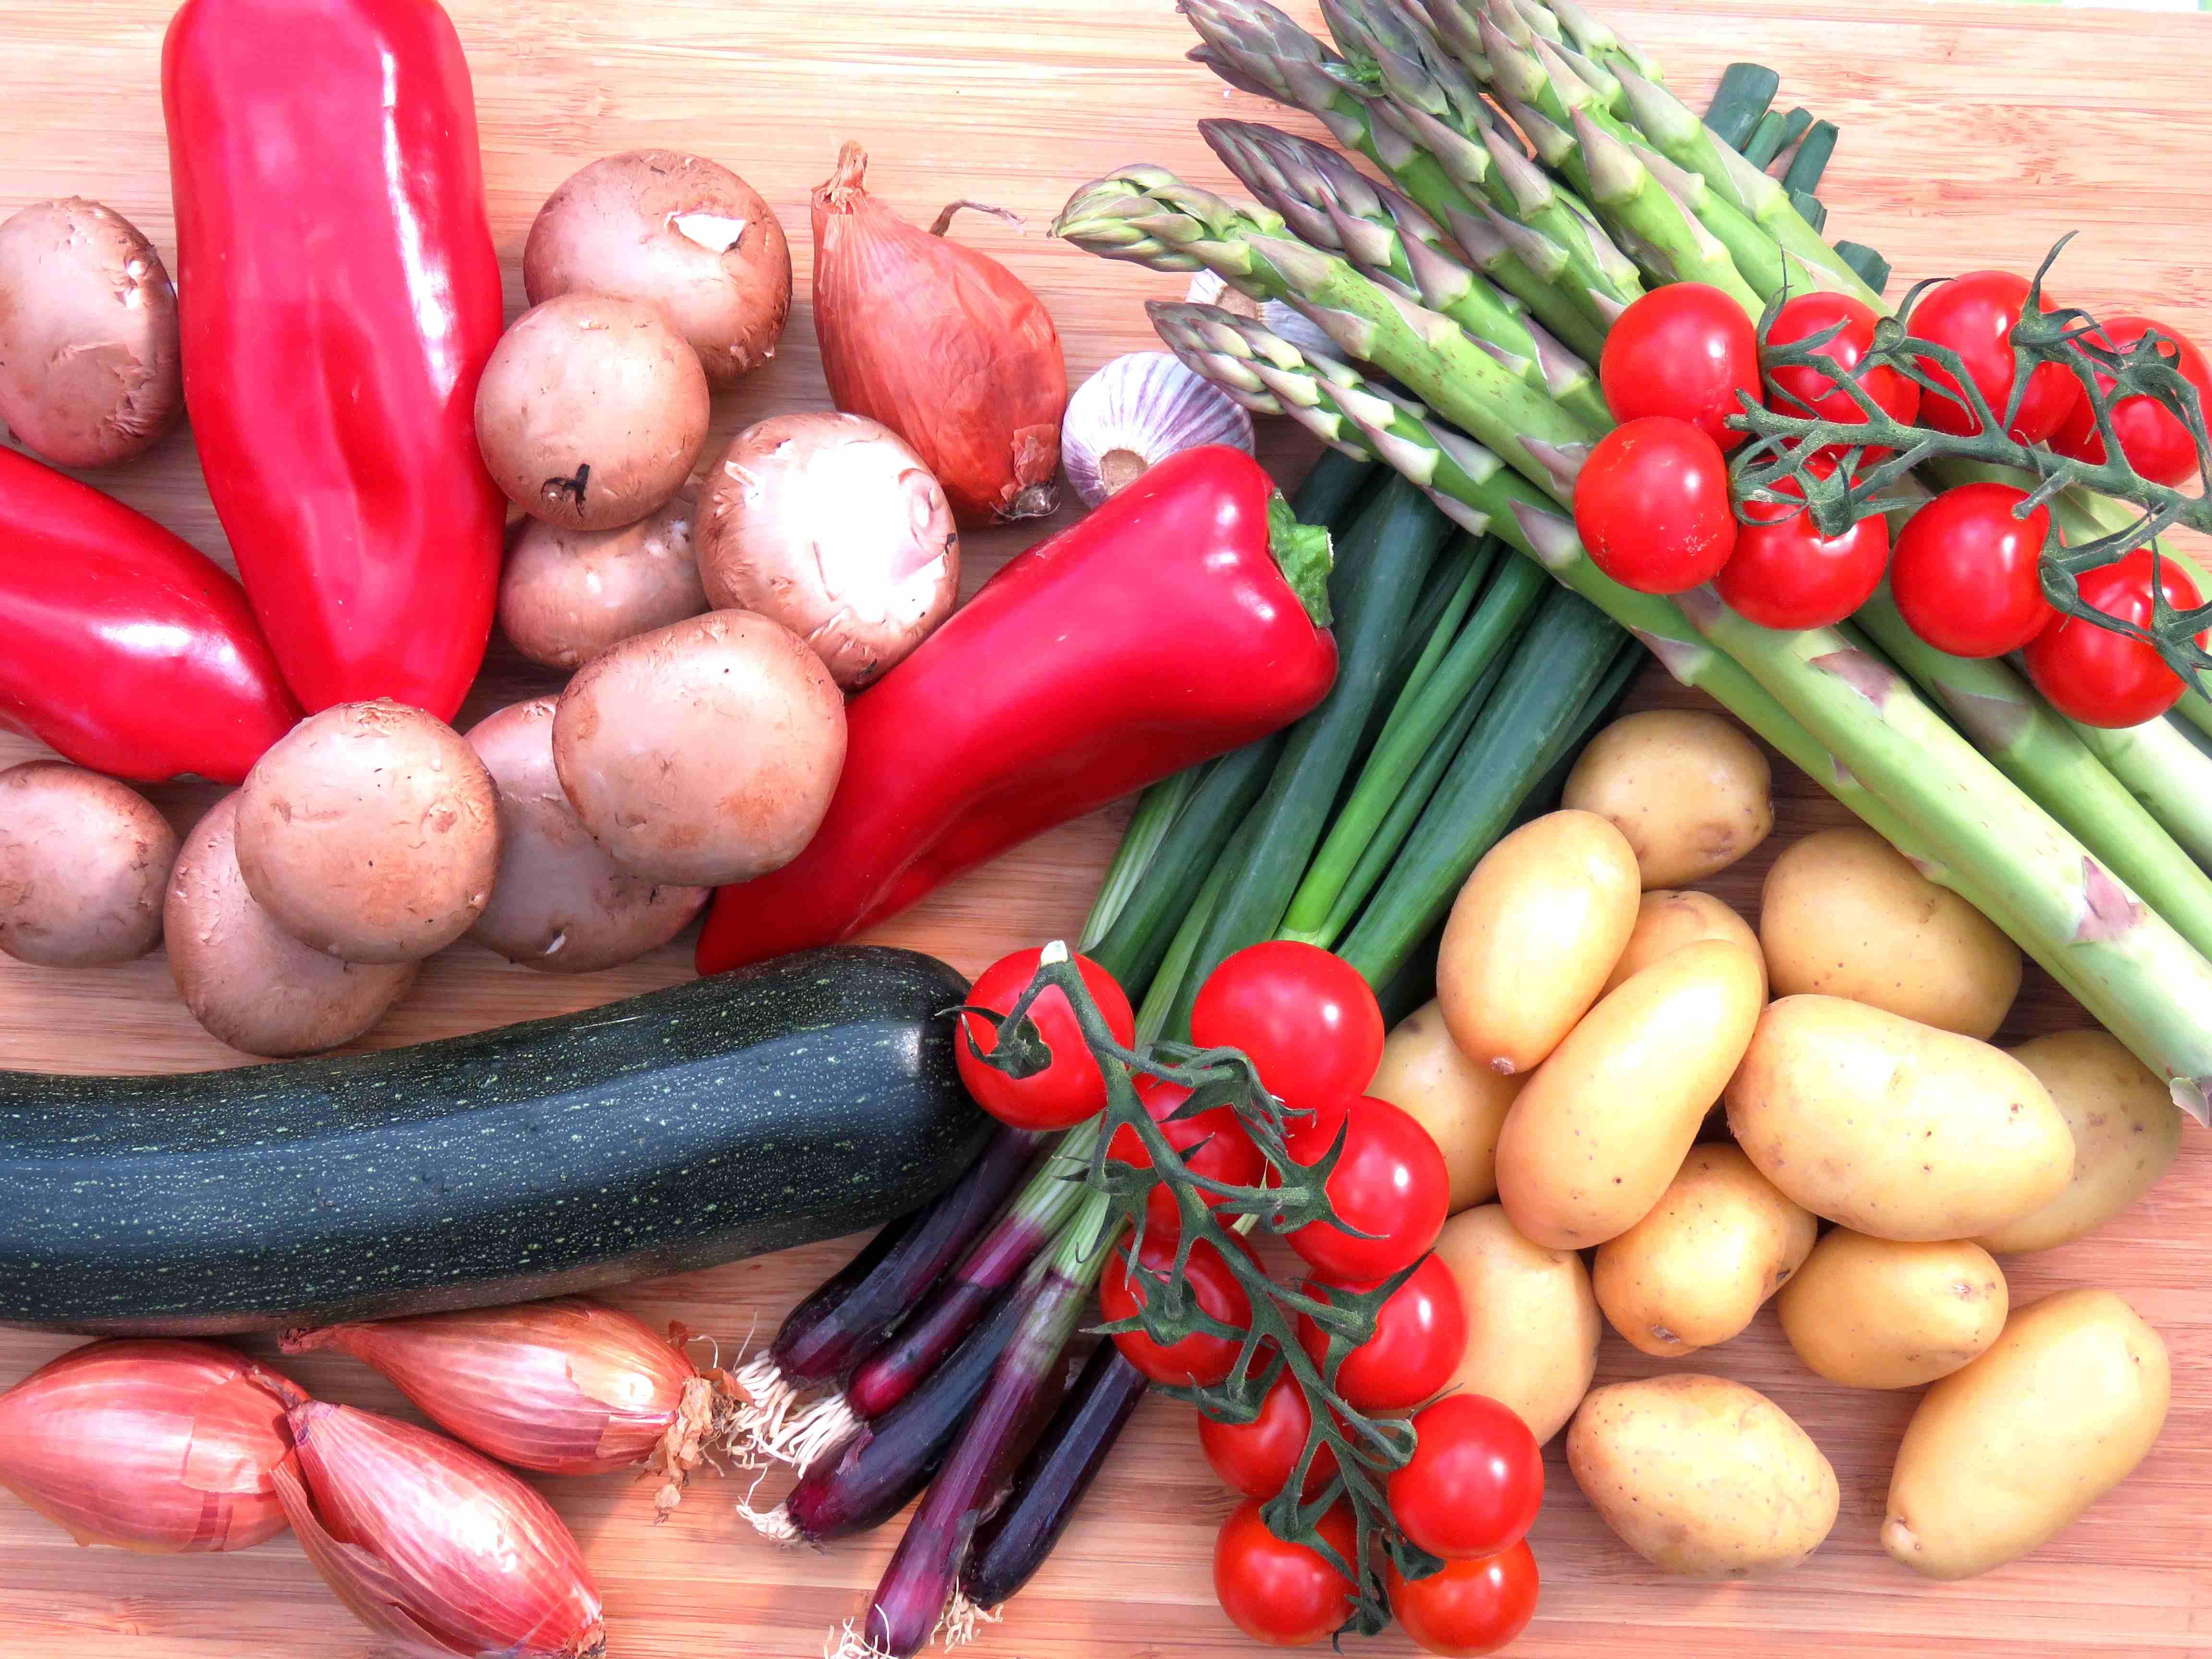 Gemüse für Grillgemüse